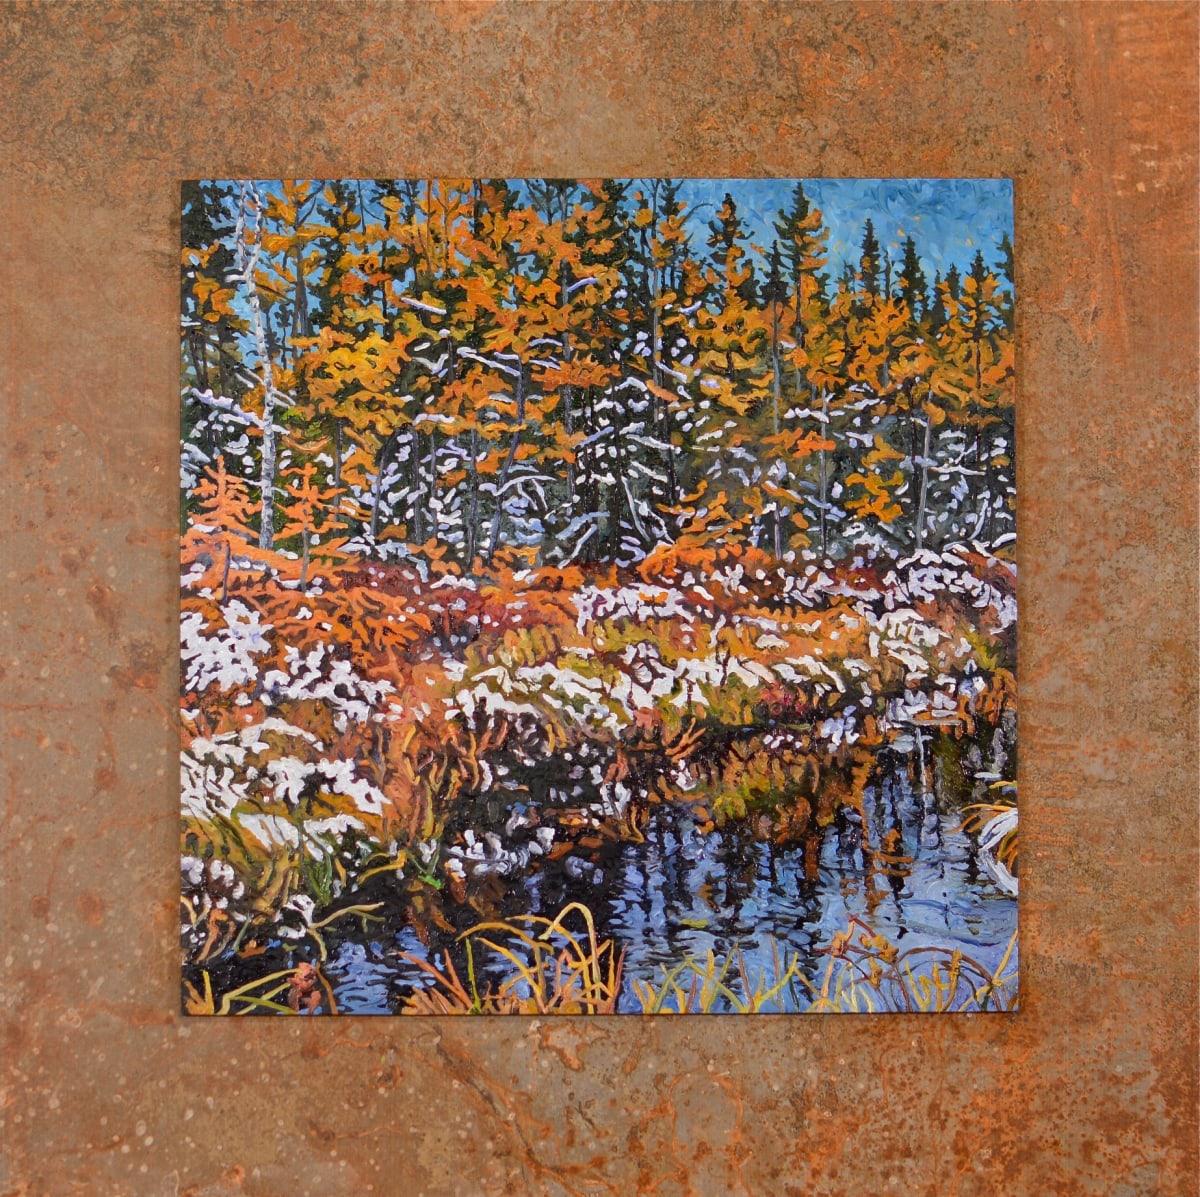 First Snow, North (Original on tile) by Ken Schneider